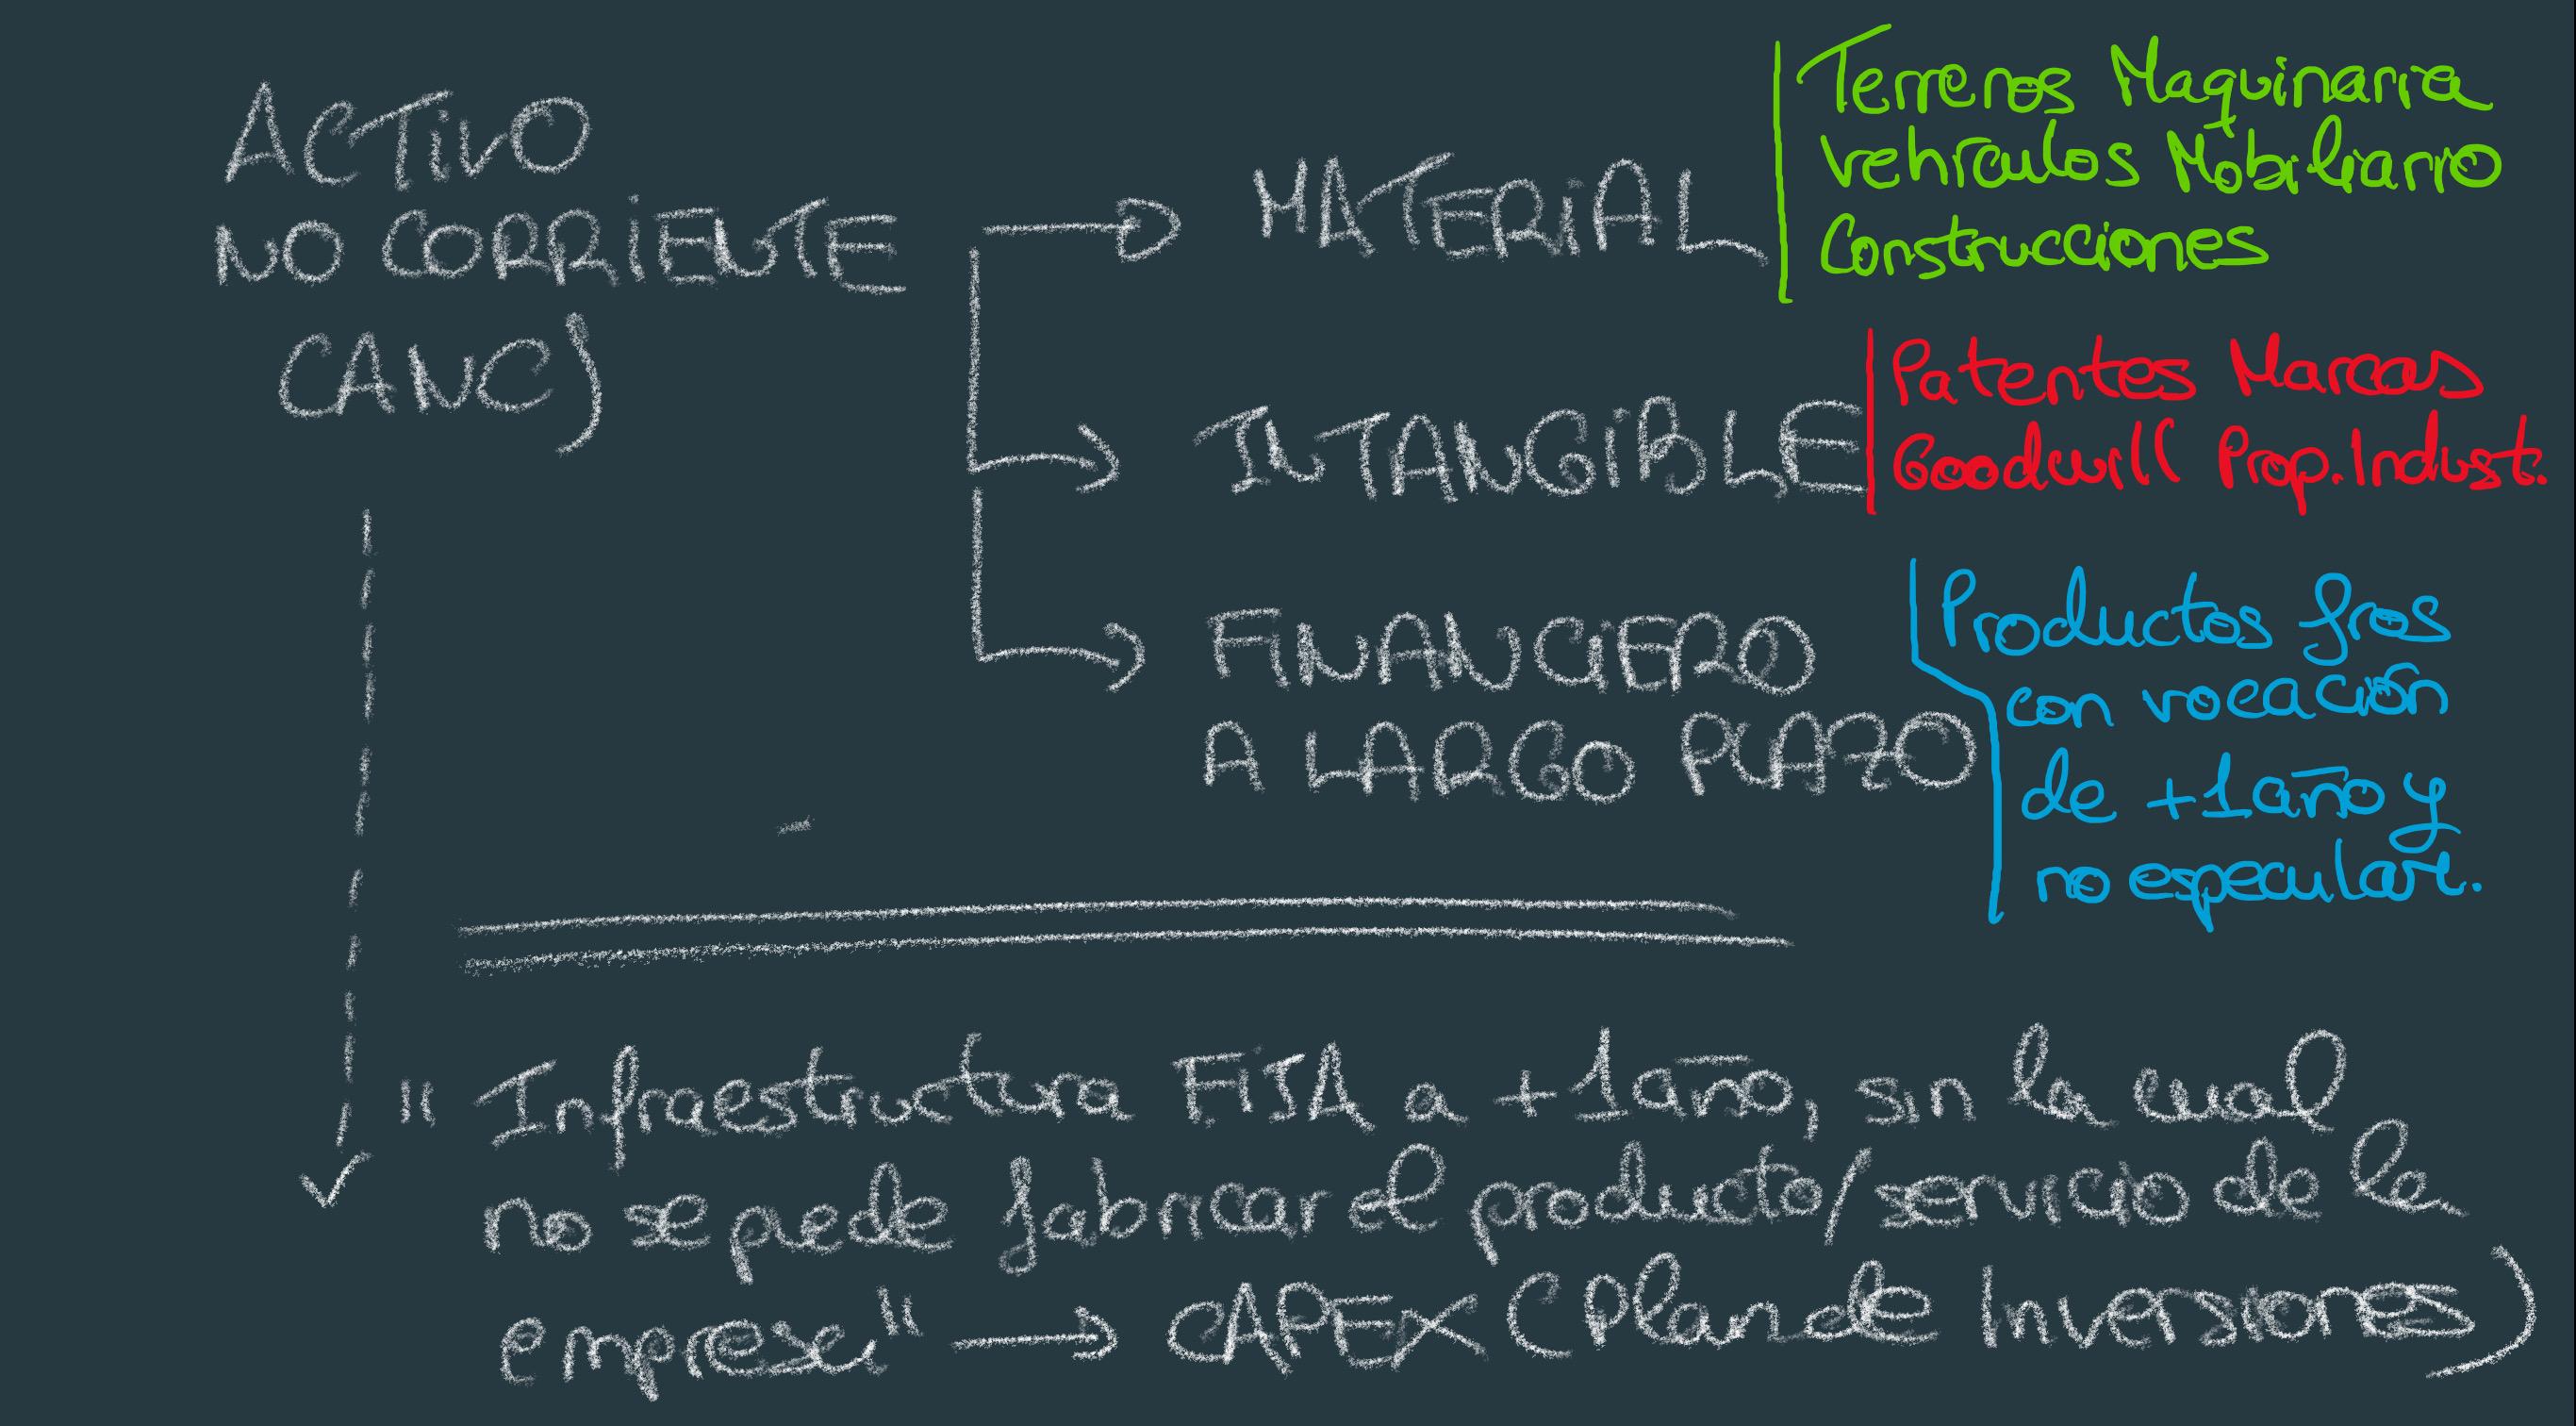 El plan de inversiones: CAPEX, qué es - Blog Antonio Alcocer